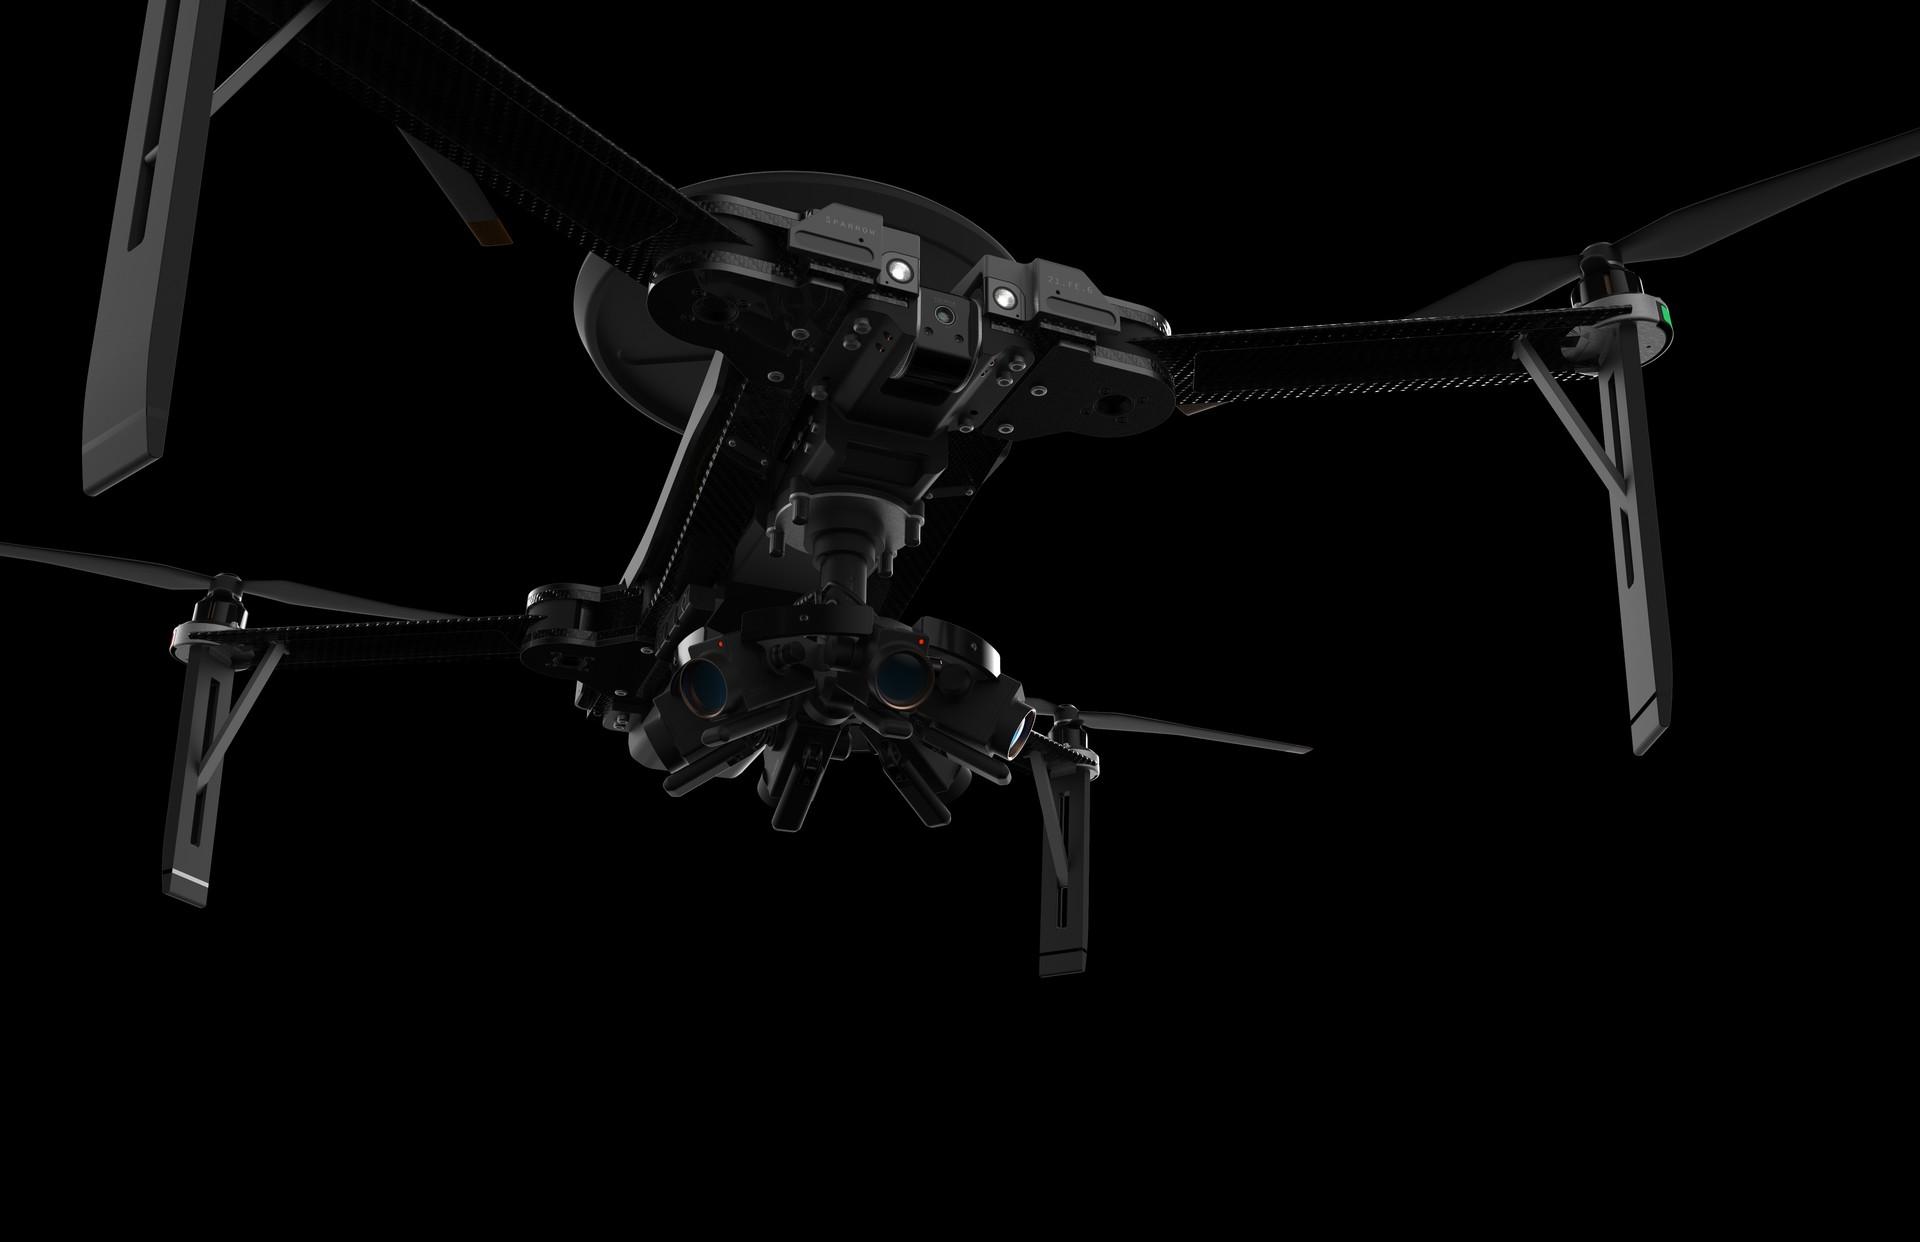 Jort van welbergen drone final render v1 48